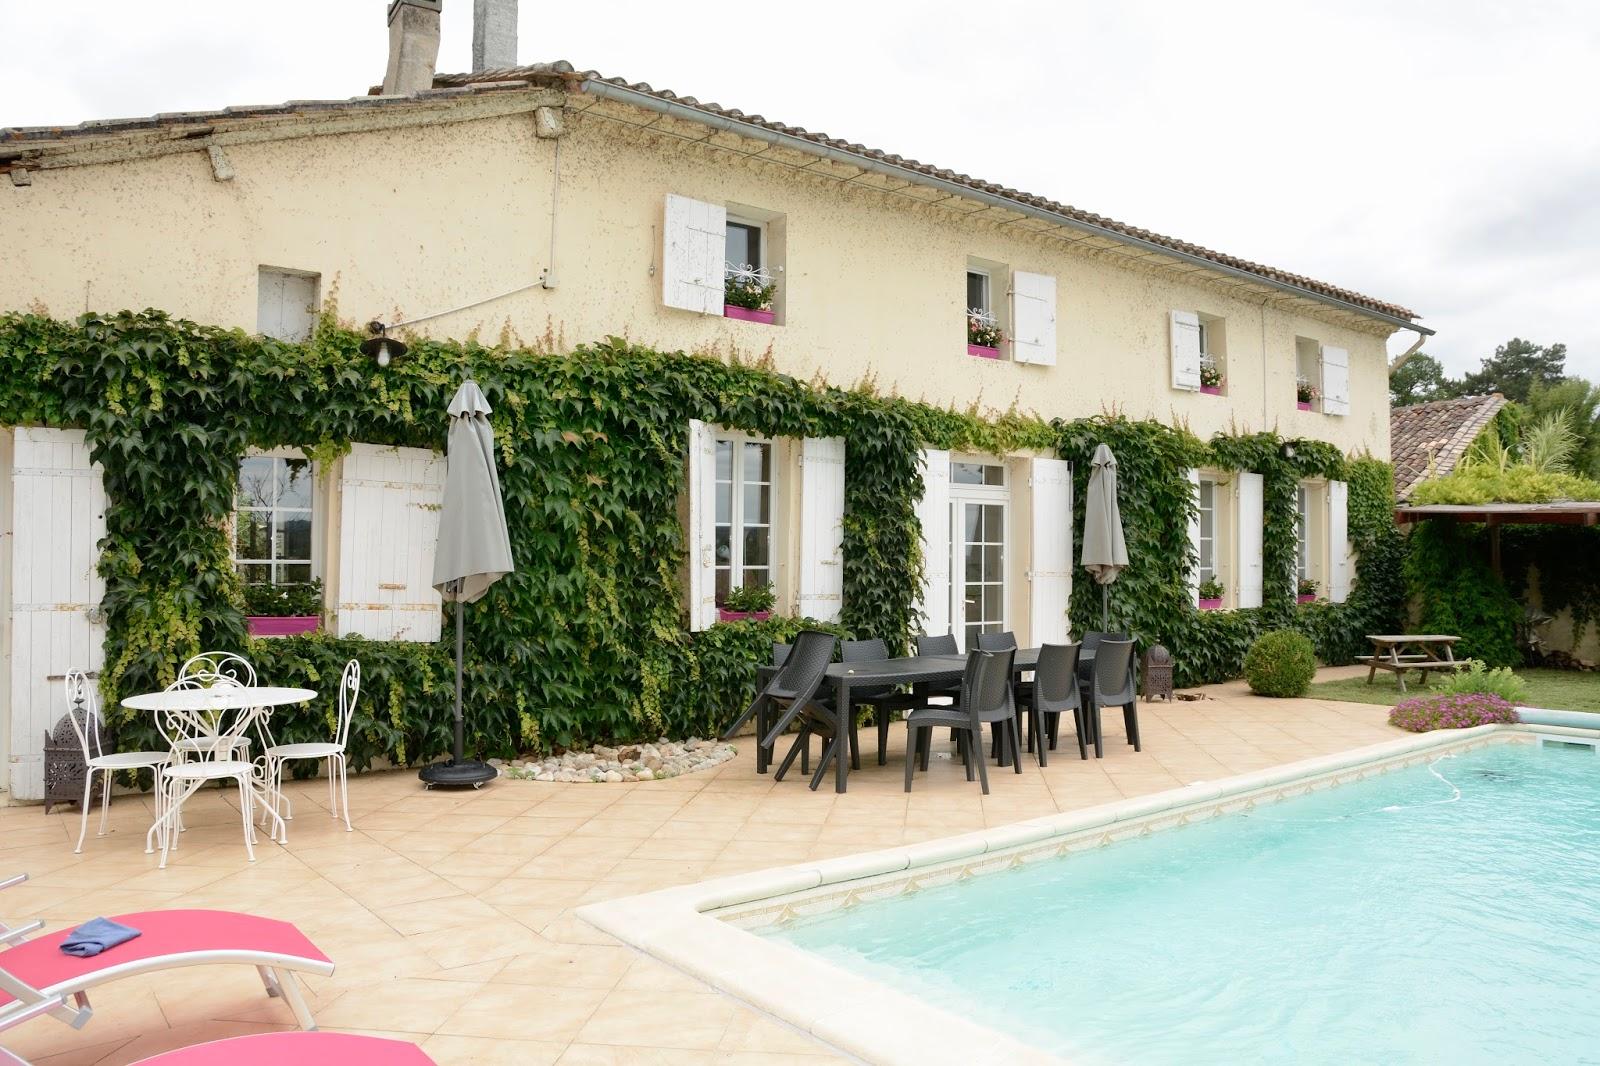 Les Vignes De Charlotte -  Our Villa in France